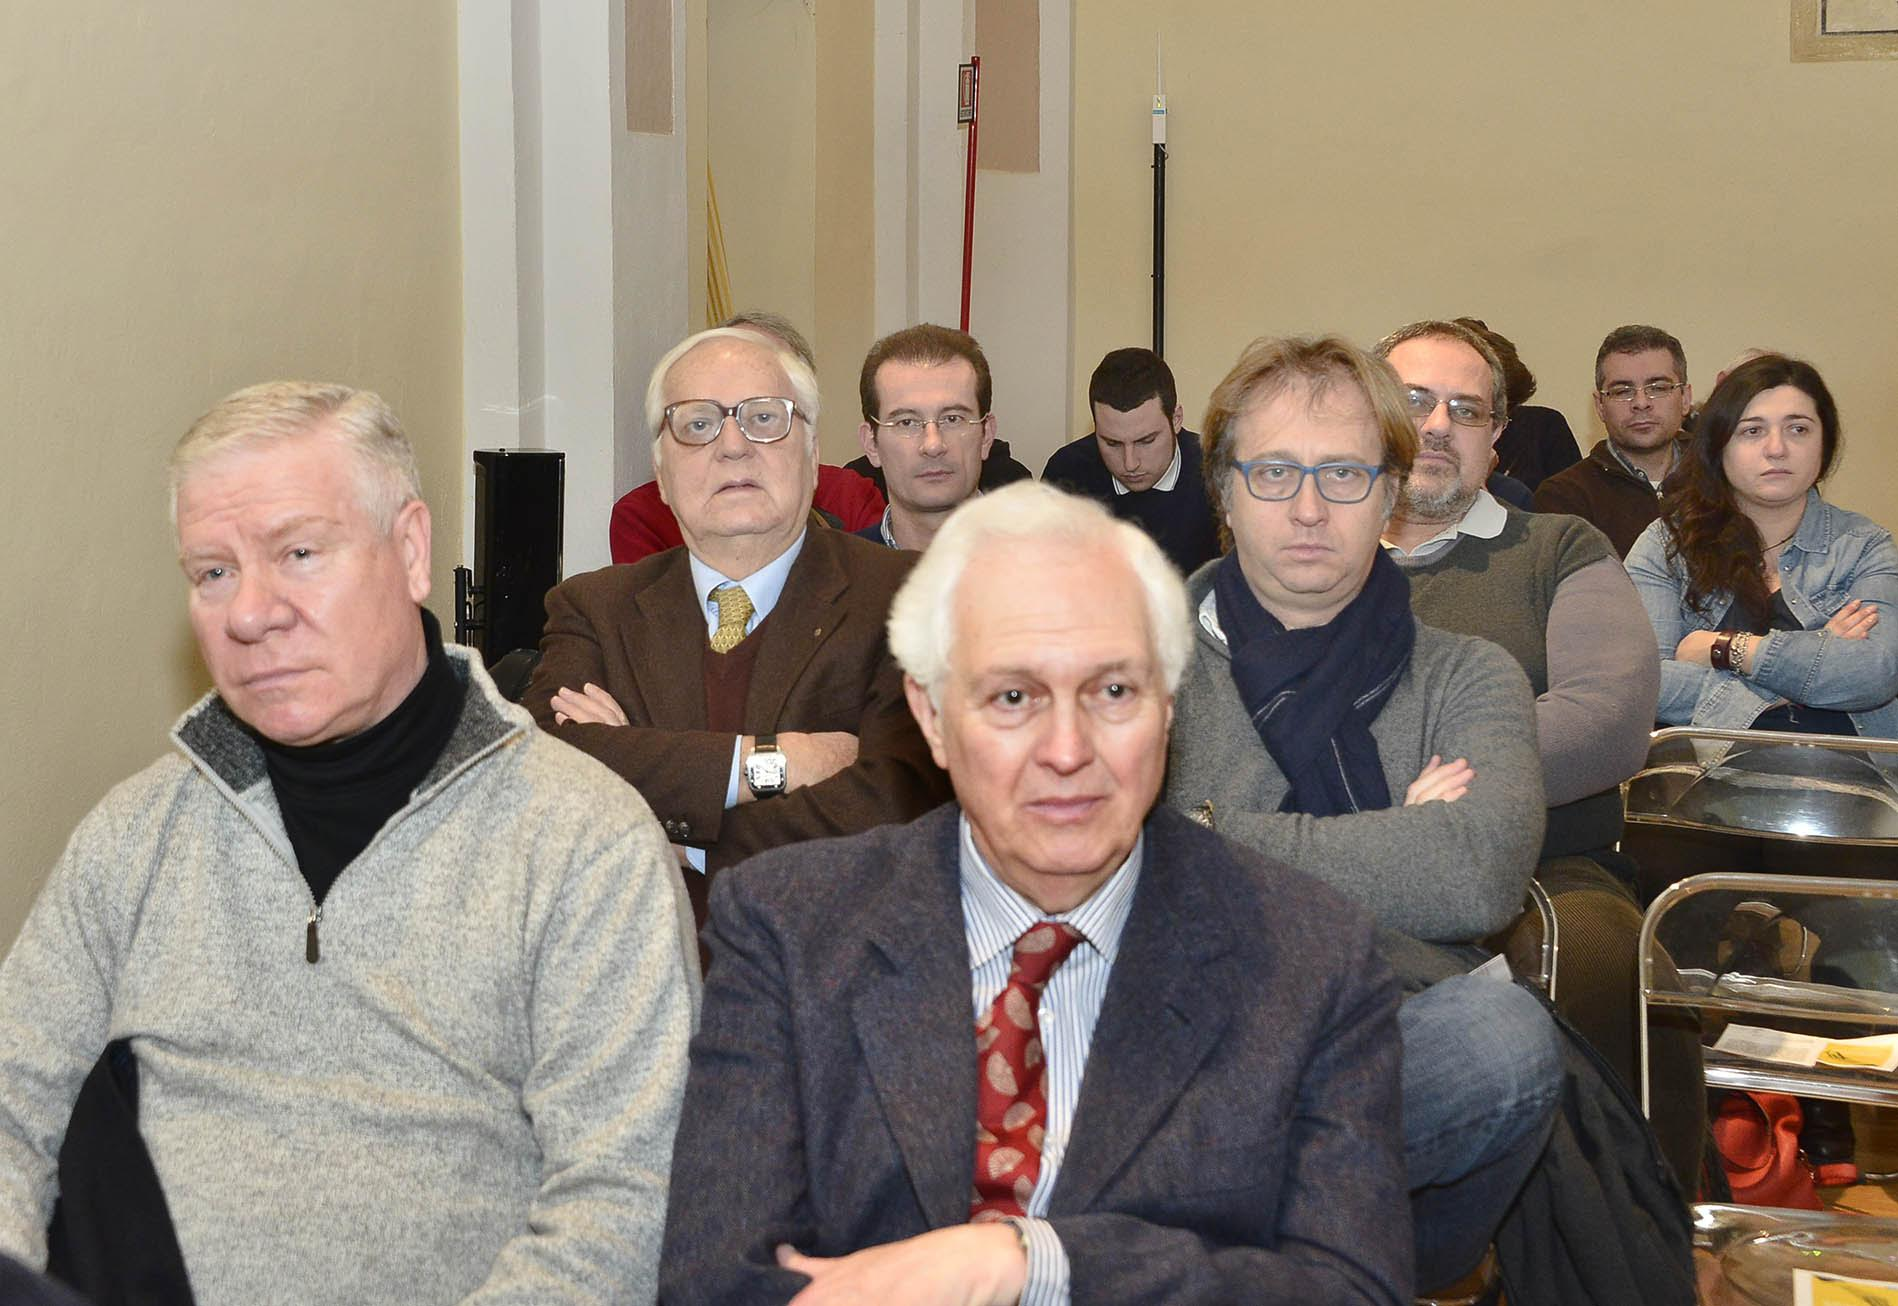 """Associazione Lodi Liberale - Presentazione del libro """"L'arbitrio del principe"""" di Marco Ponti, Stefano Moroni e Francesco Ramella"""